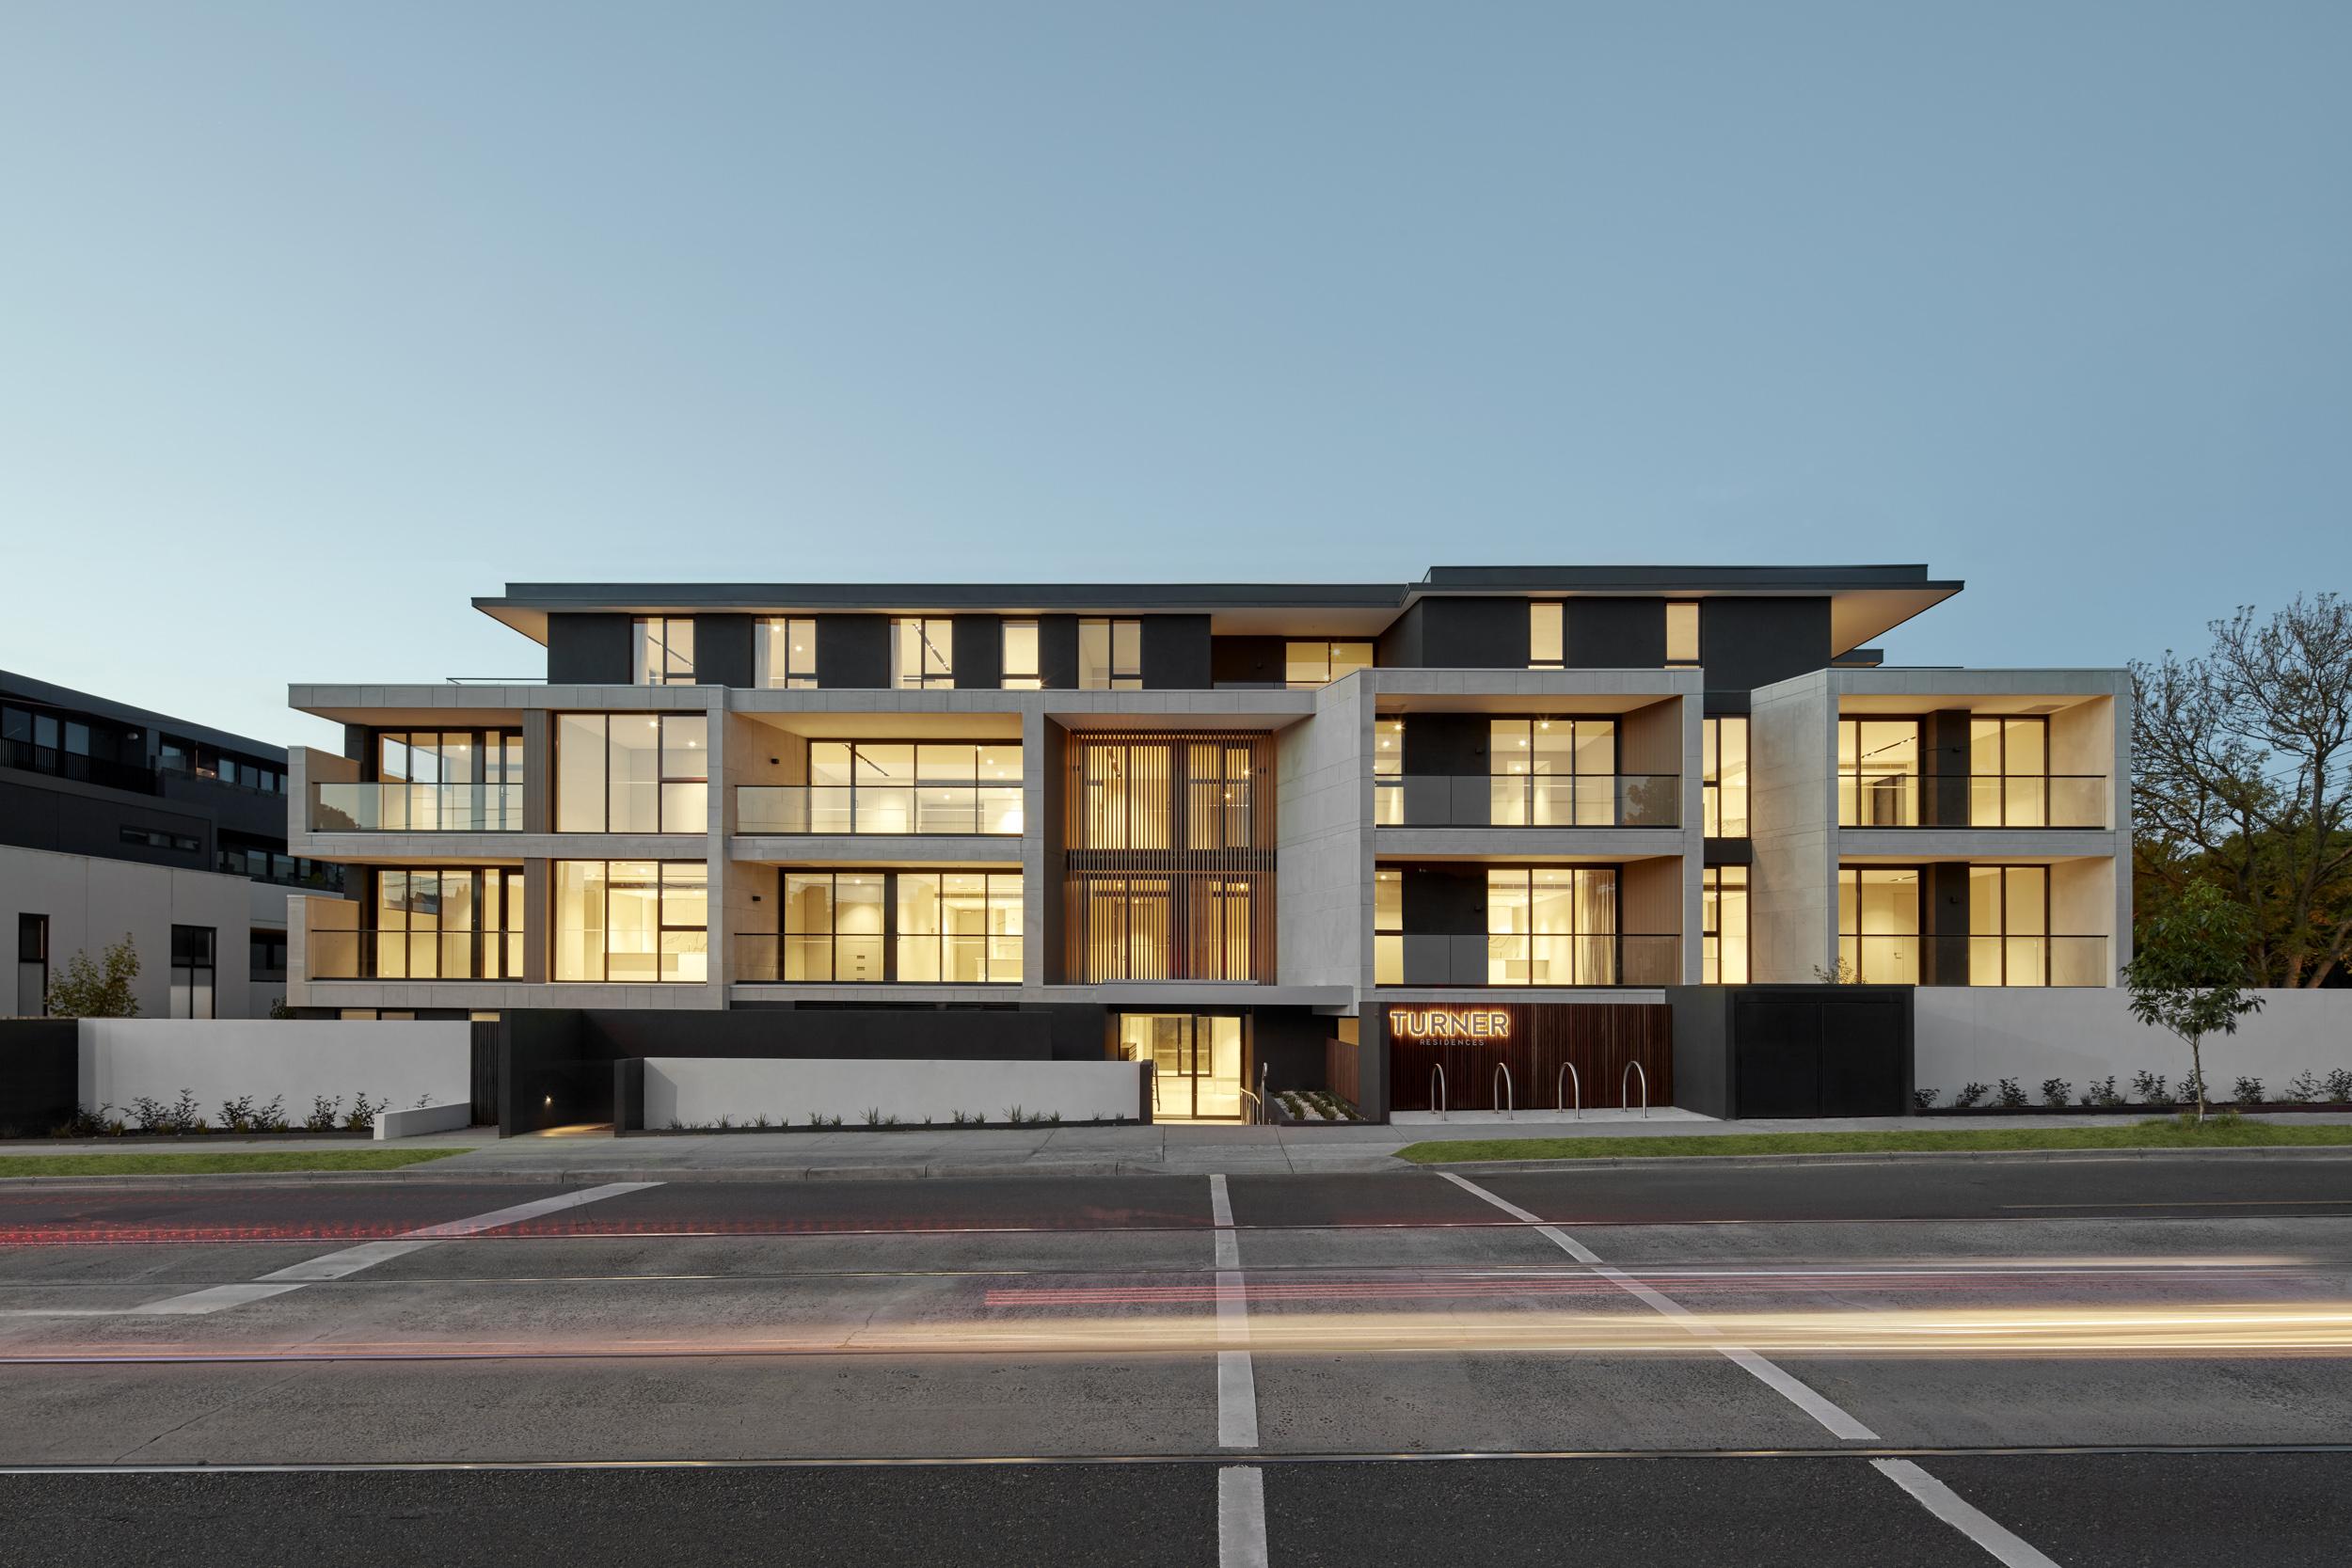 Turner Residences, a new benchmark for Glen Iris